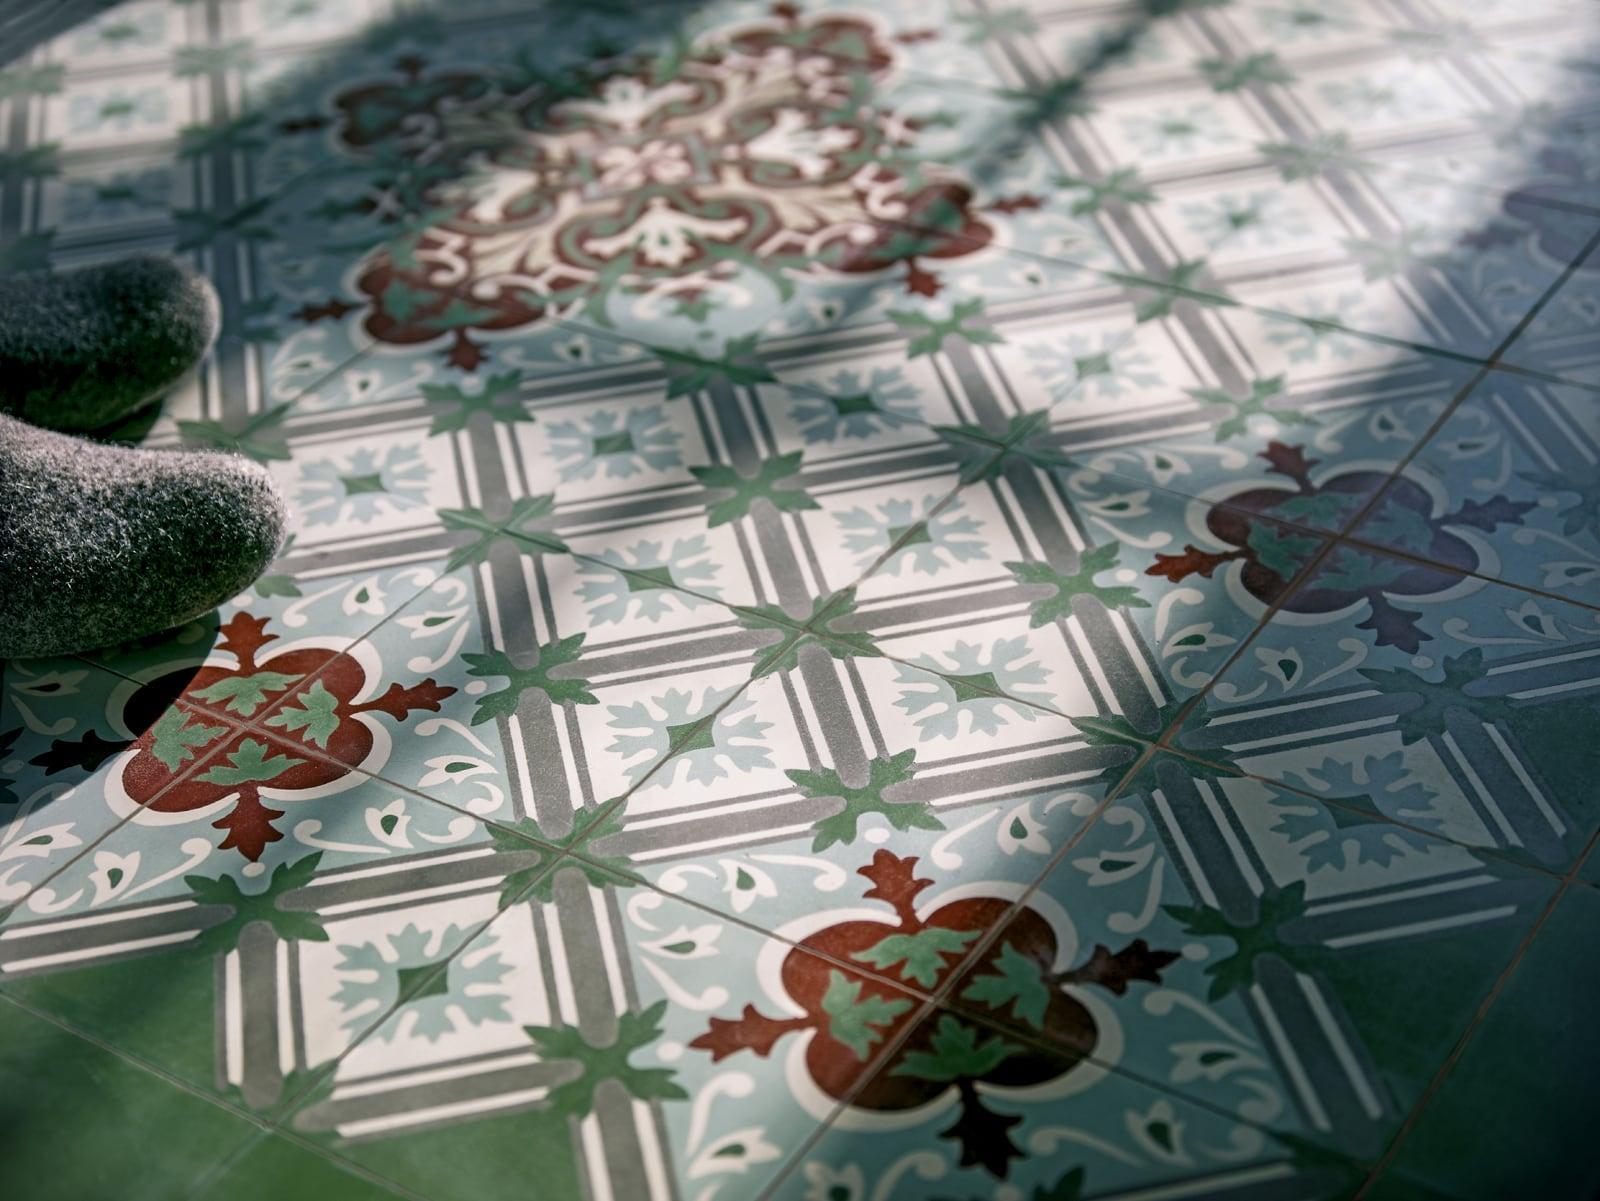 zementfliesen-VIA Platten-52007 | 54007/141